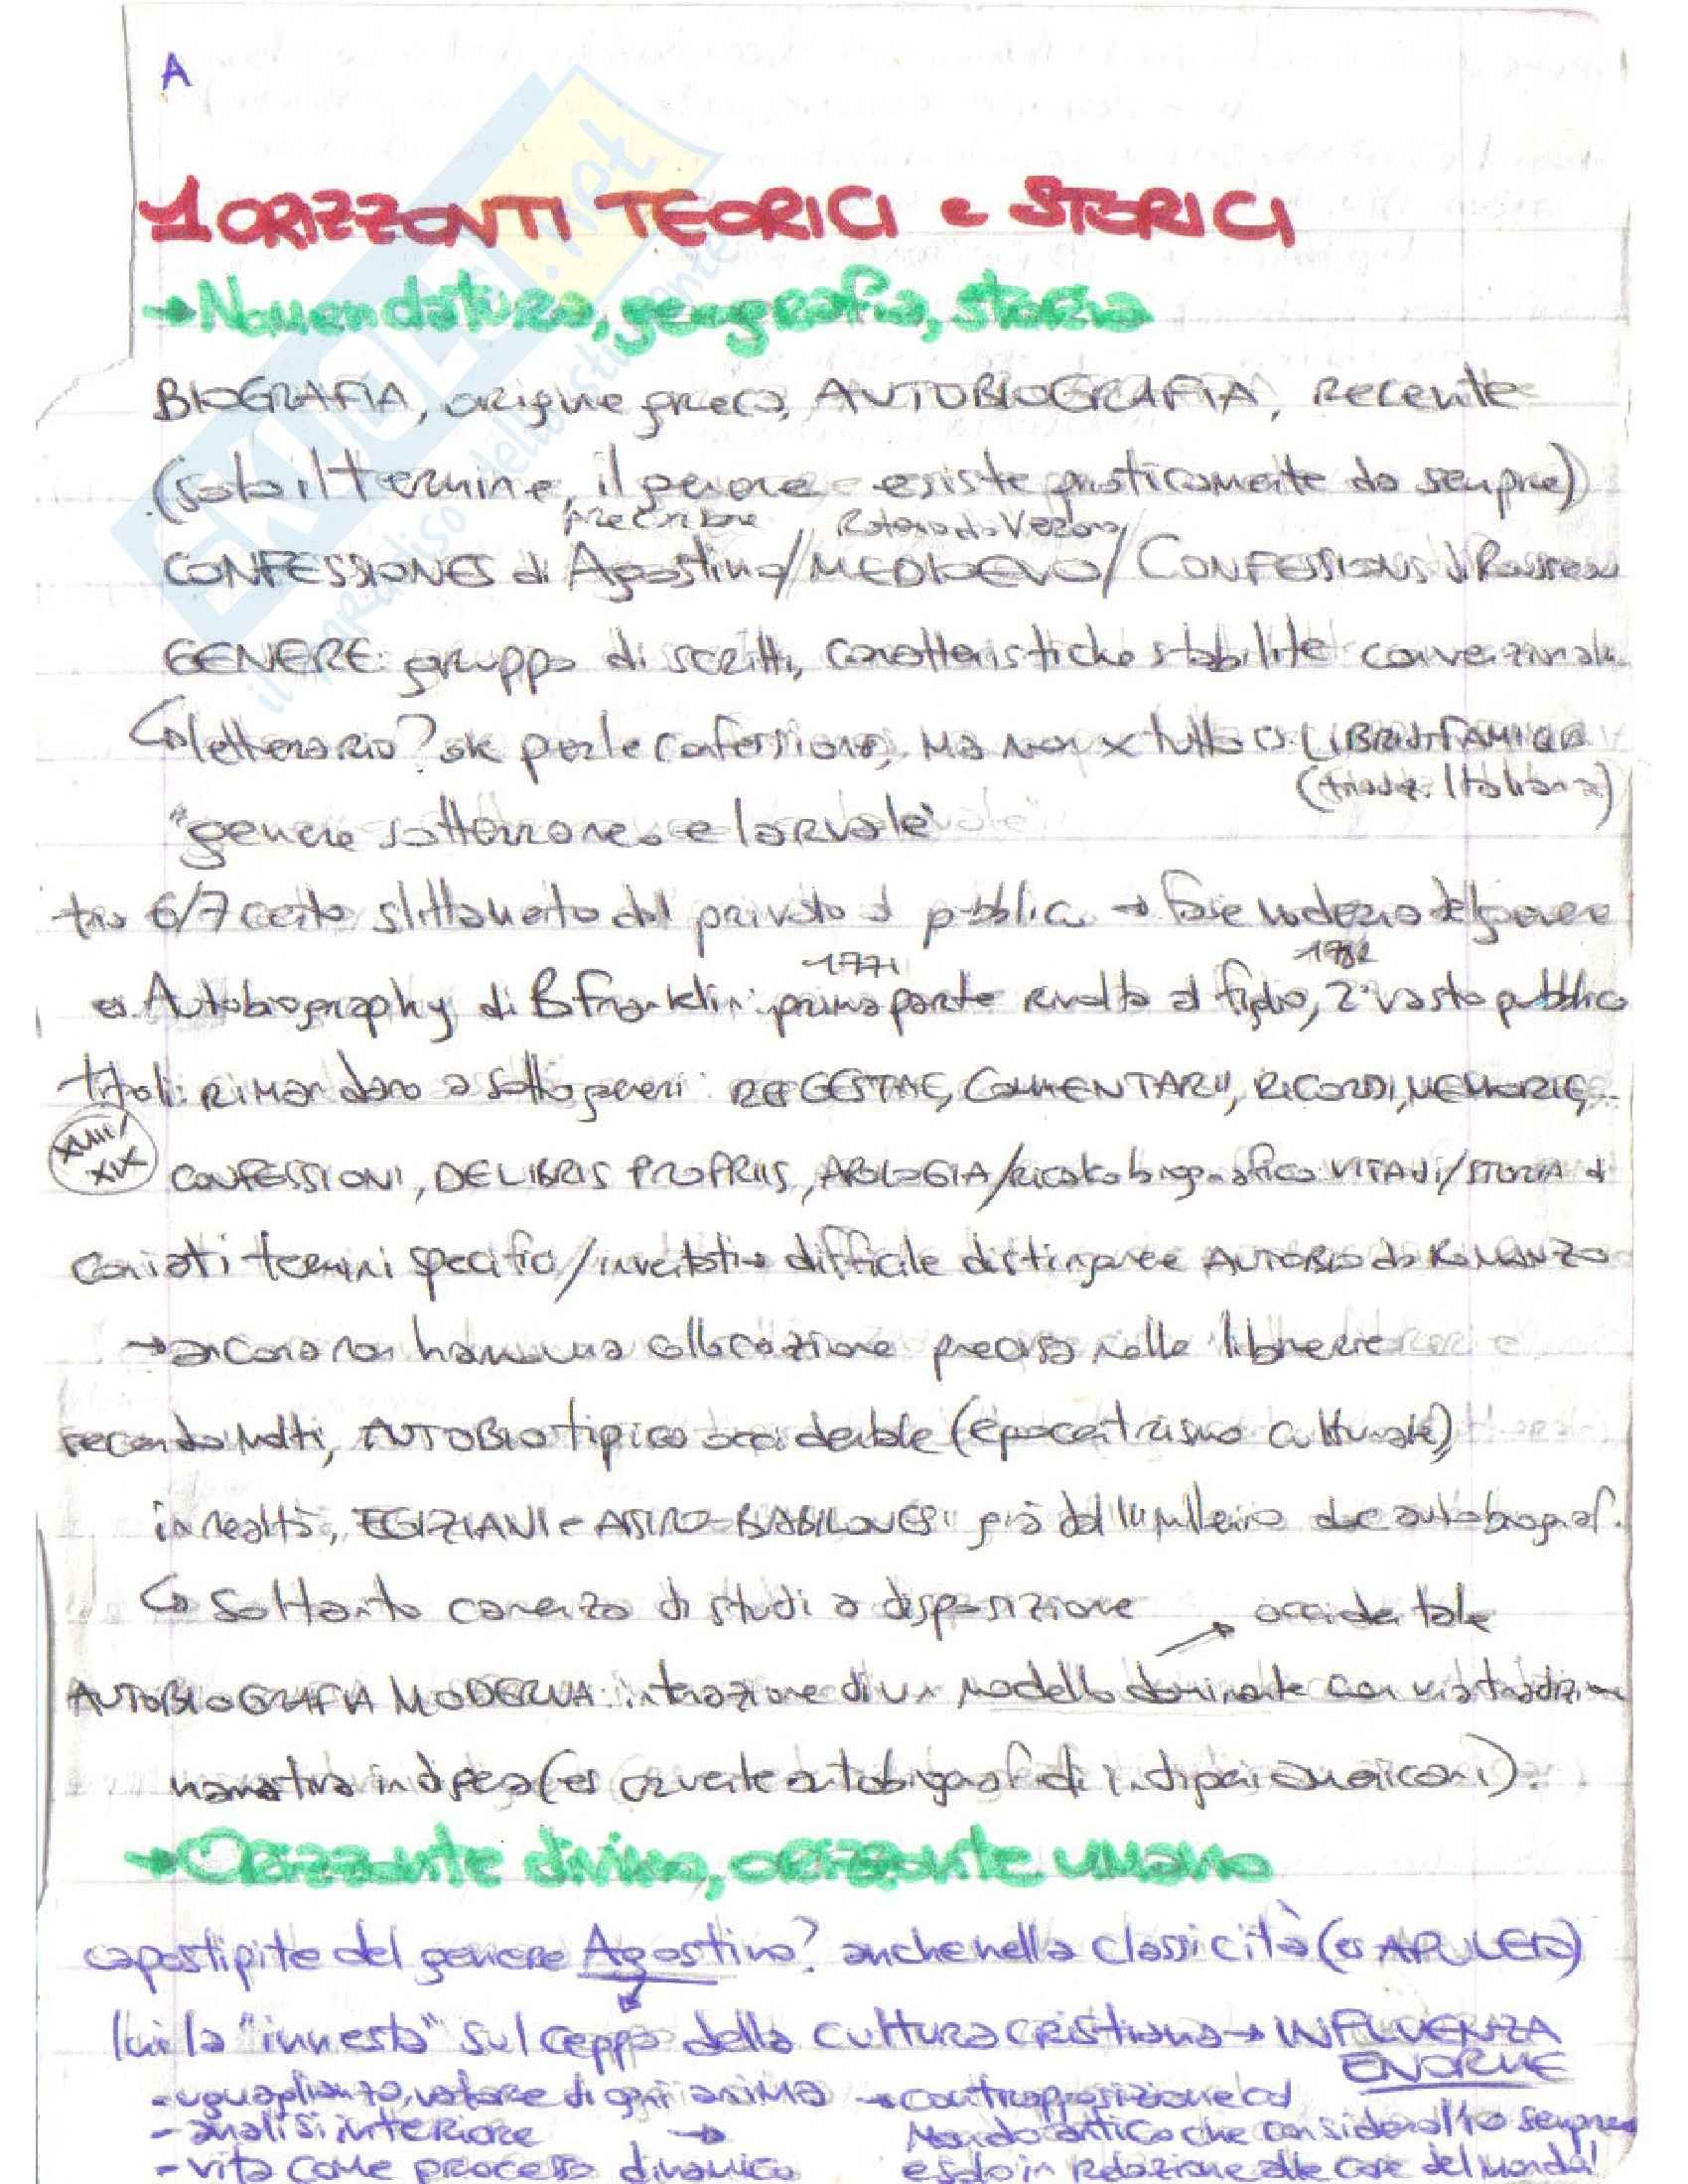 Riassunto esame Letteratura italiana, prof. D'Intino, libro consigliato Autobiografia Moderna. Storie, forme, problemi, D'intino